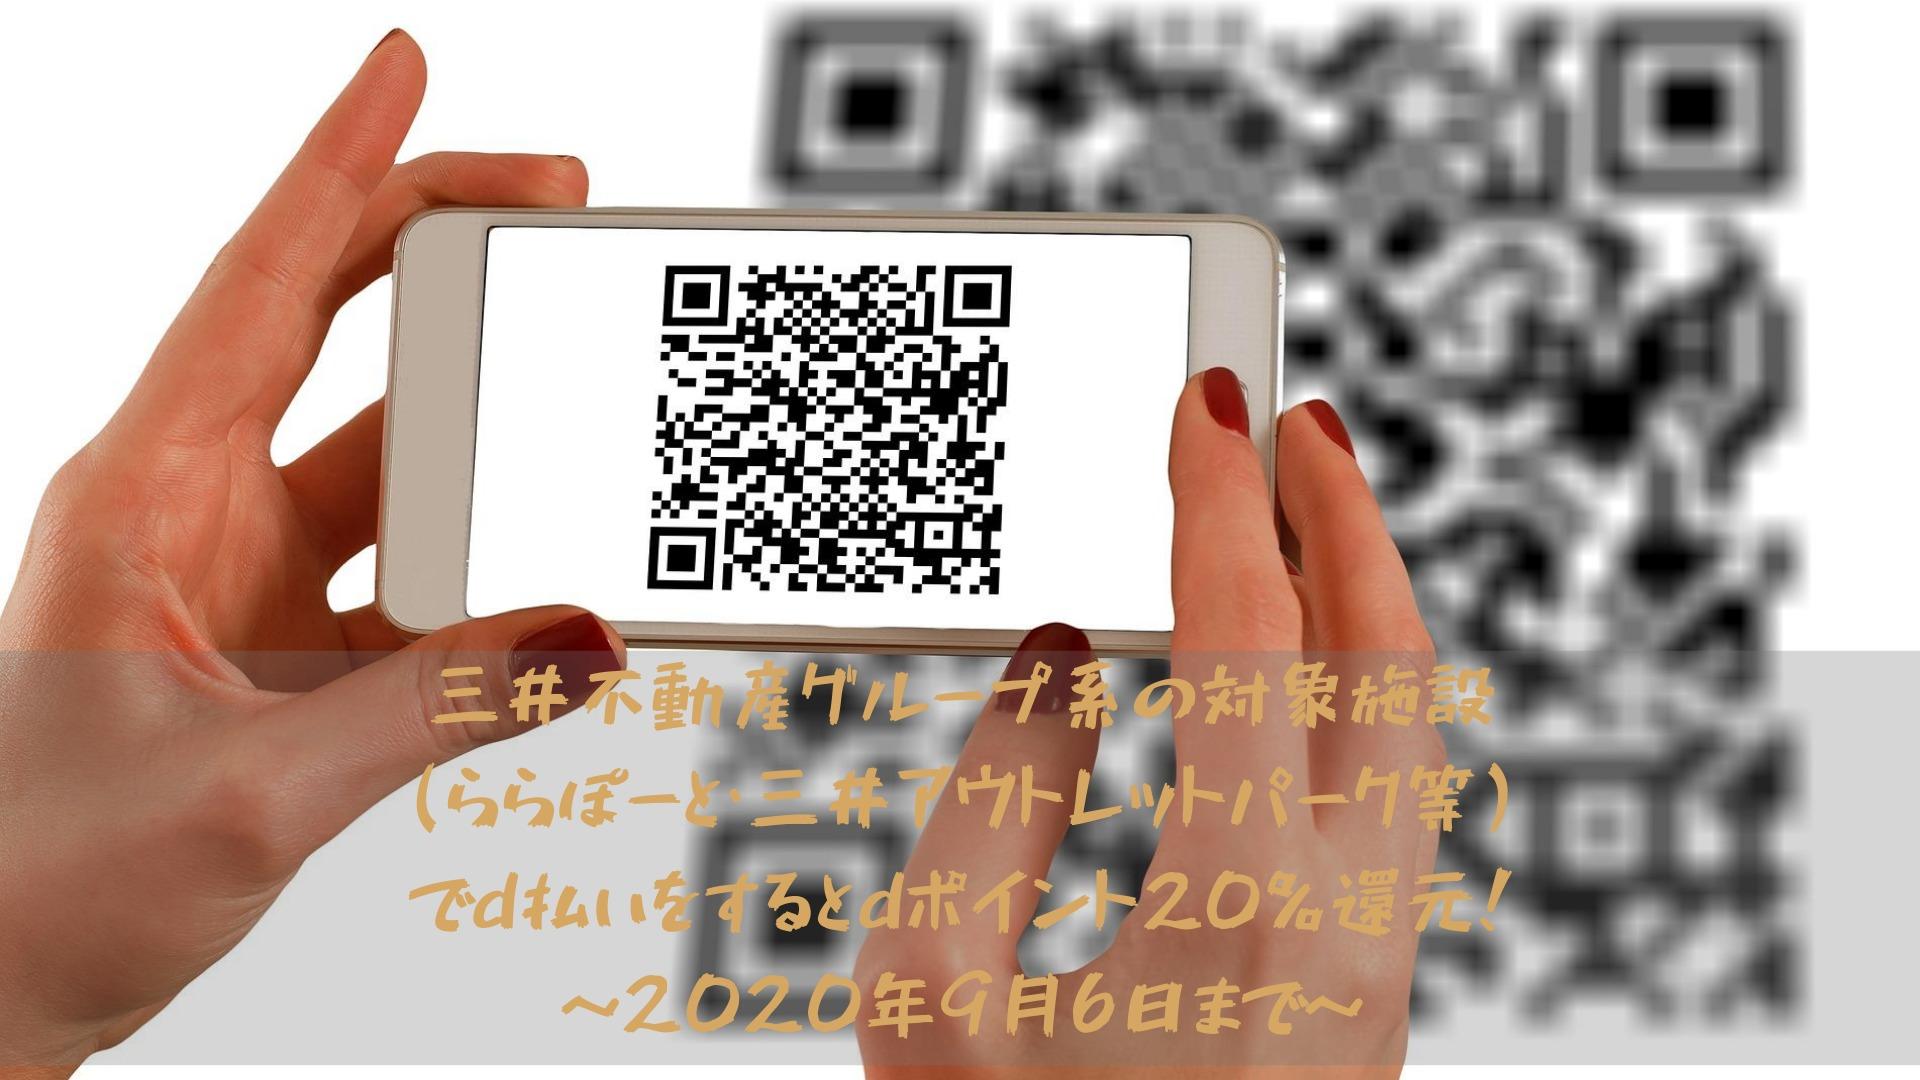 三井不動産グループ系の対象施設(ららぽーと・三井アウトレットパーク等)でd払いをするとdポイント20%還元!~2020年9月6日まで~